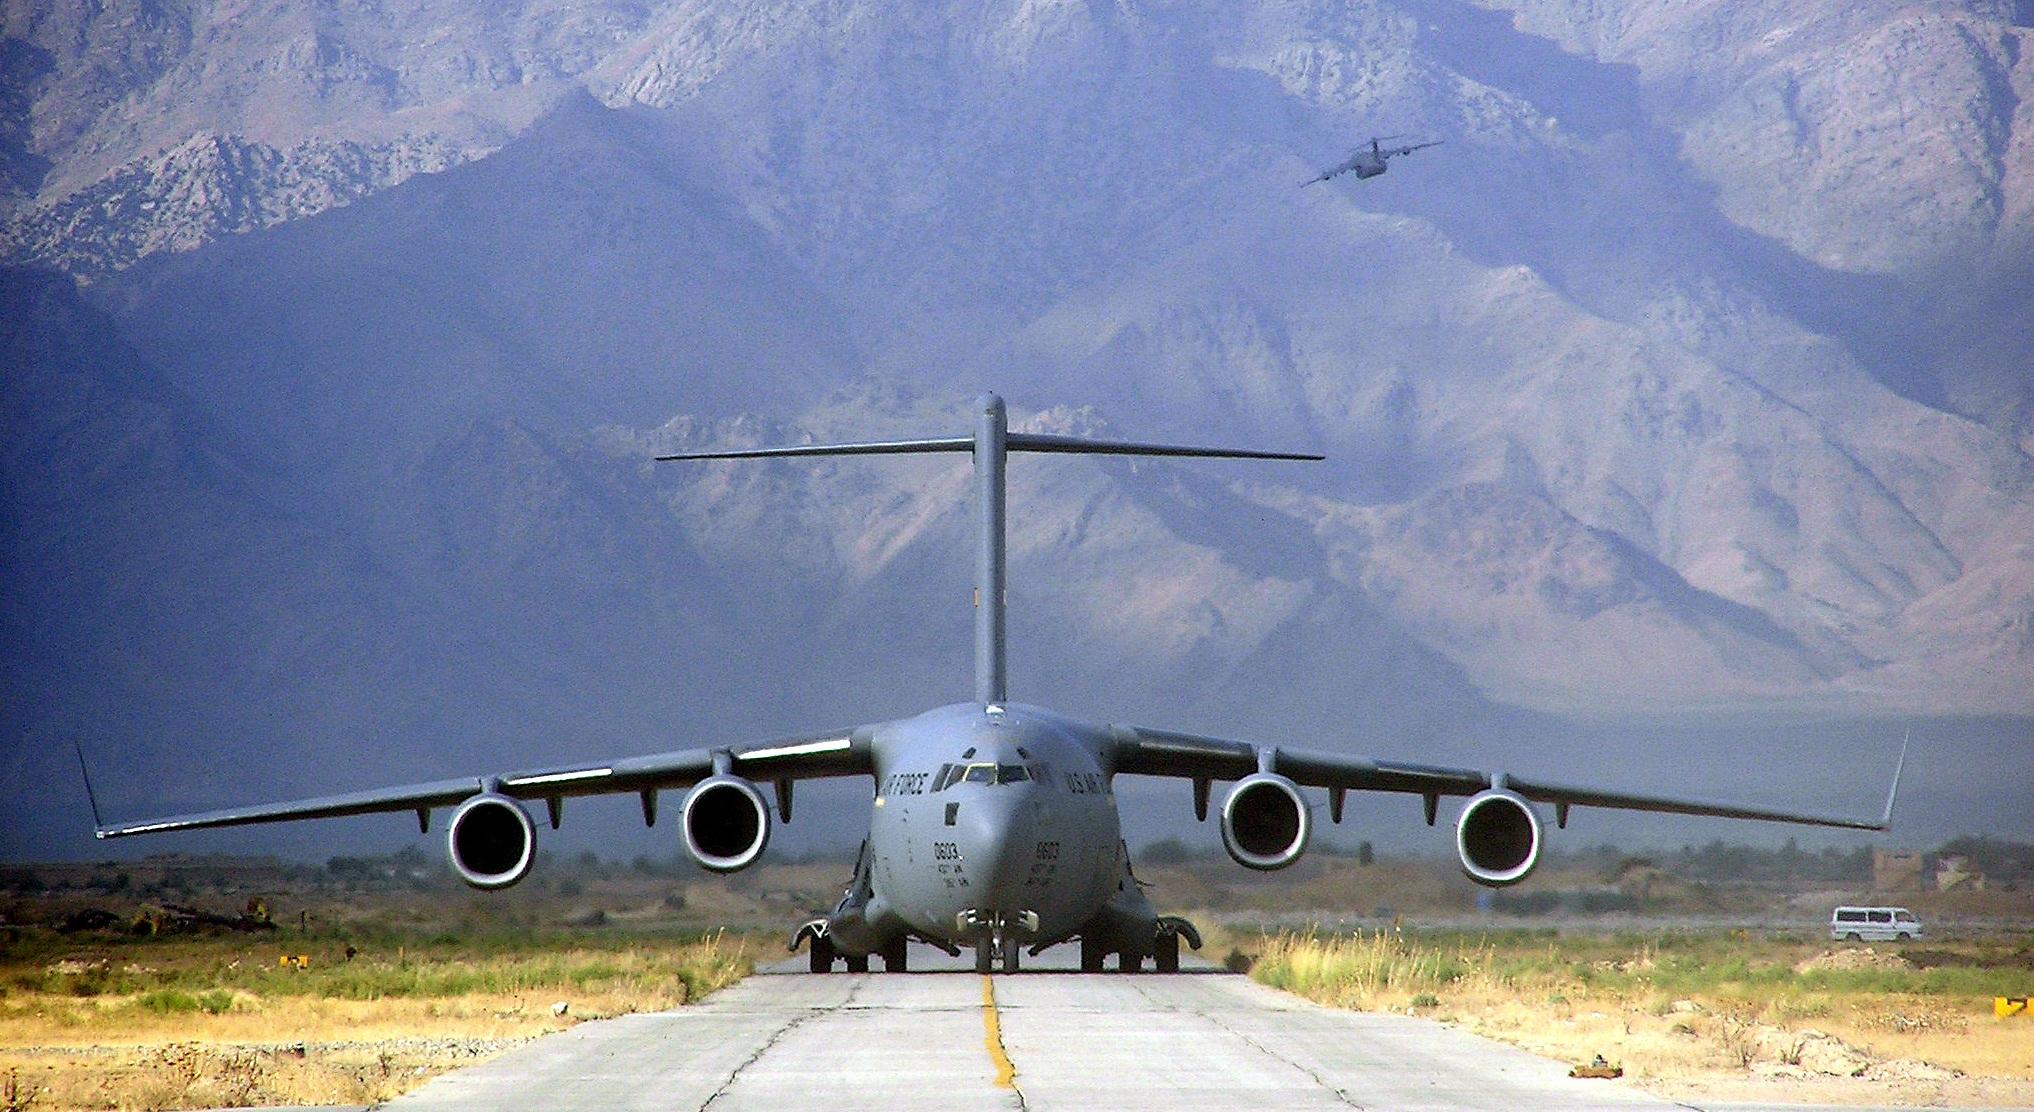 Military cargo plane takeoff photo